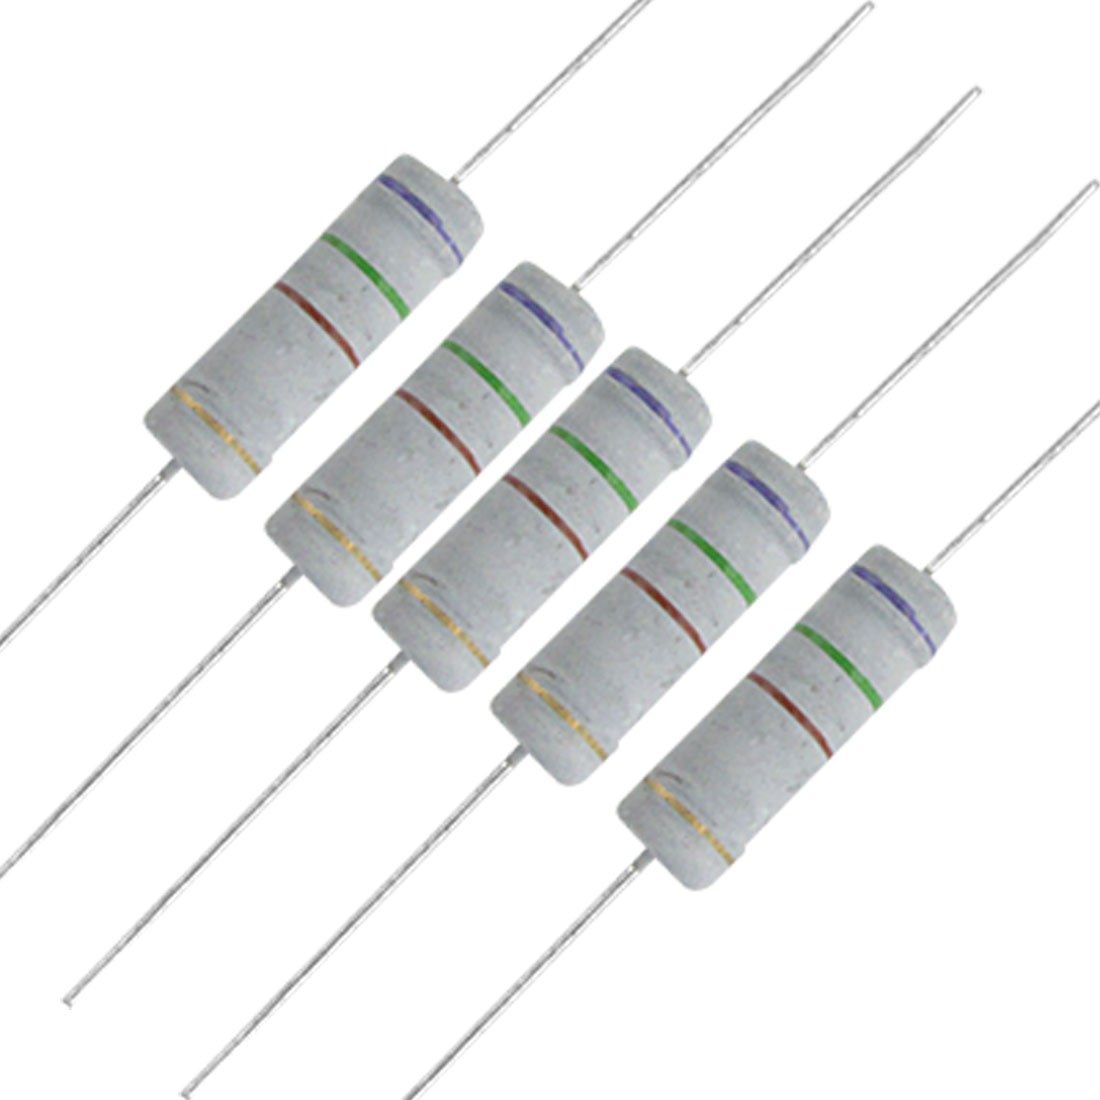 10 x 5W 700V 750 ohm Metal Oxide Film Resistors 5 Watt